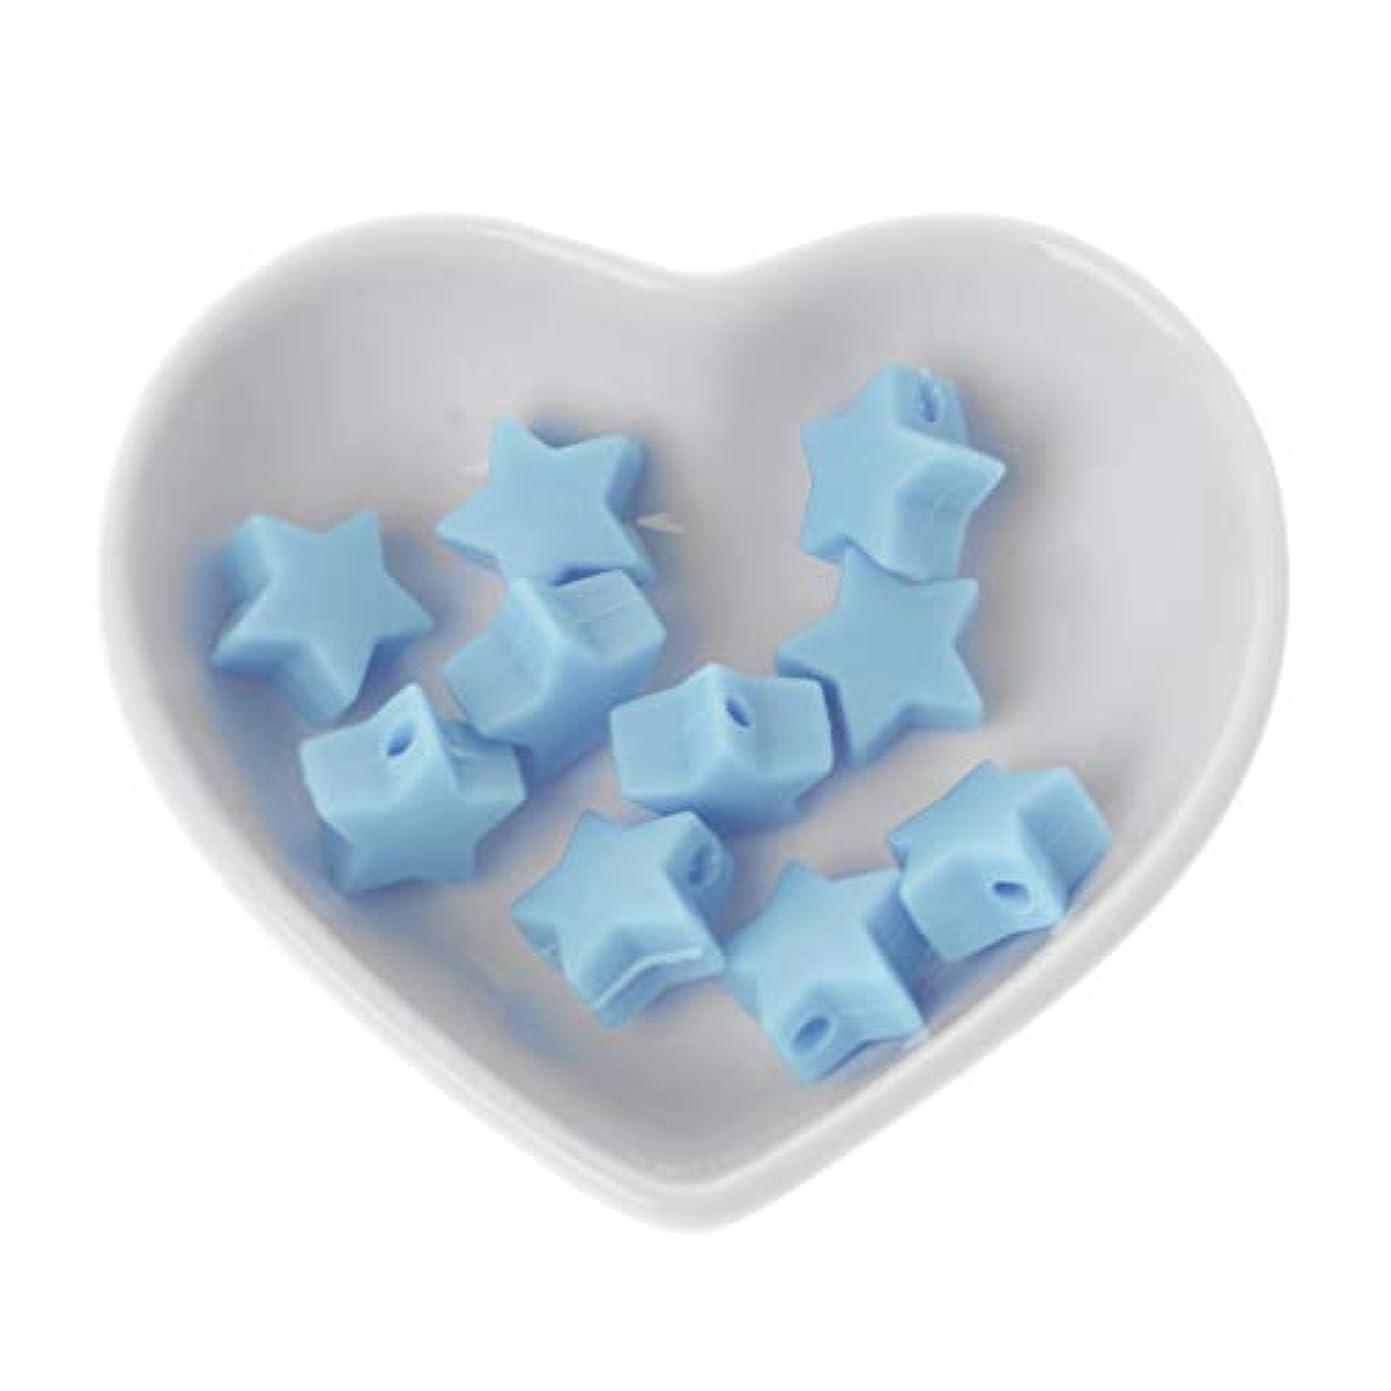 福祉メイド好きであるLANDUM 10個シリコーンビーズ15mmスターシリカティーザービーズの赤ちゃんのおもちゃDIYおしゃぶりチェーンアクセサリー - アップルグリーン